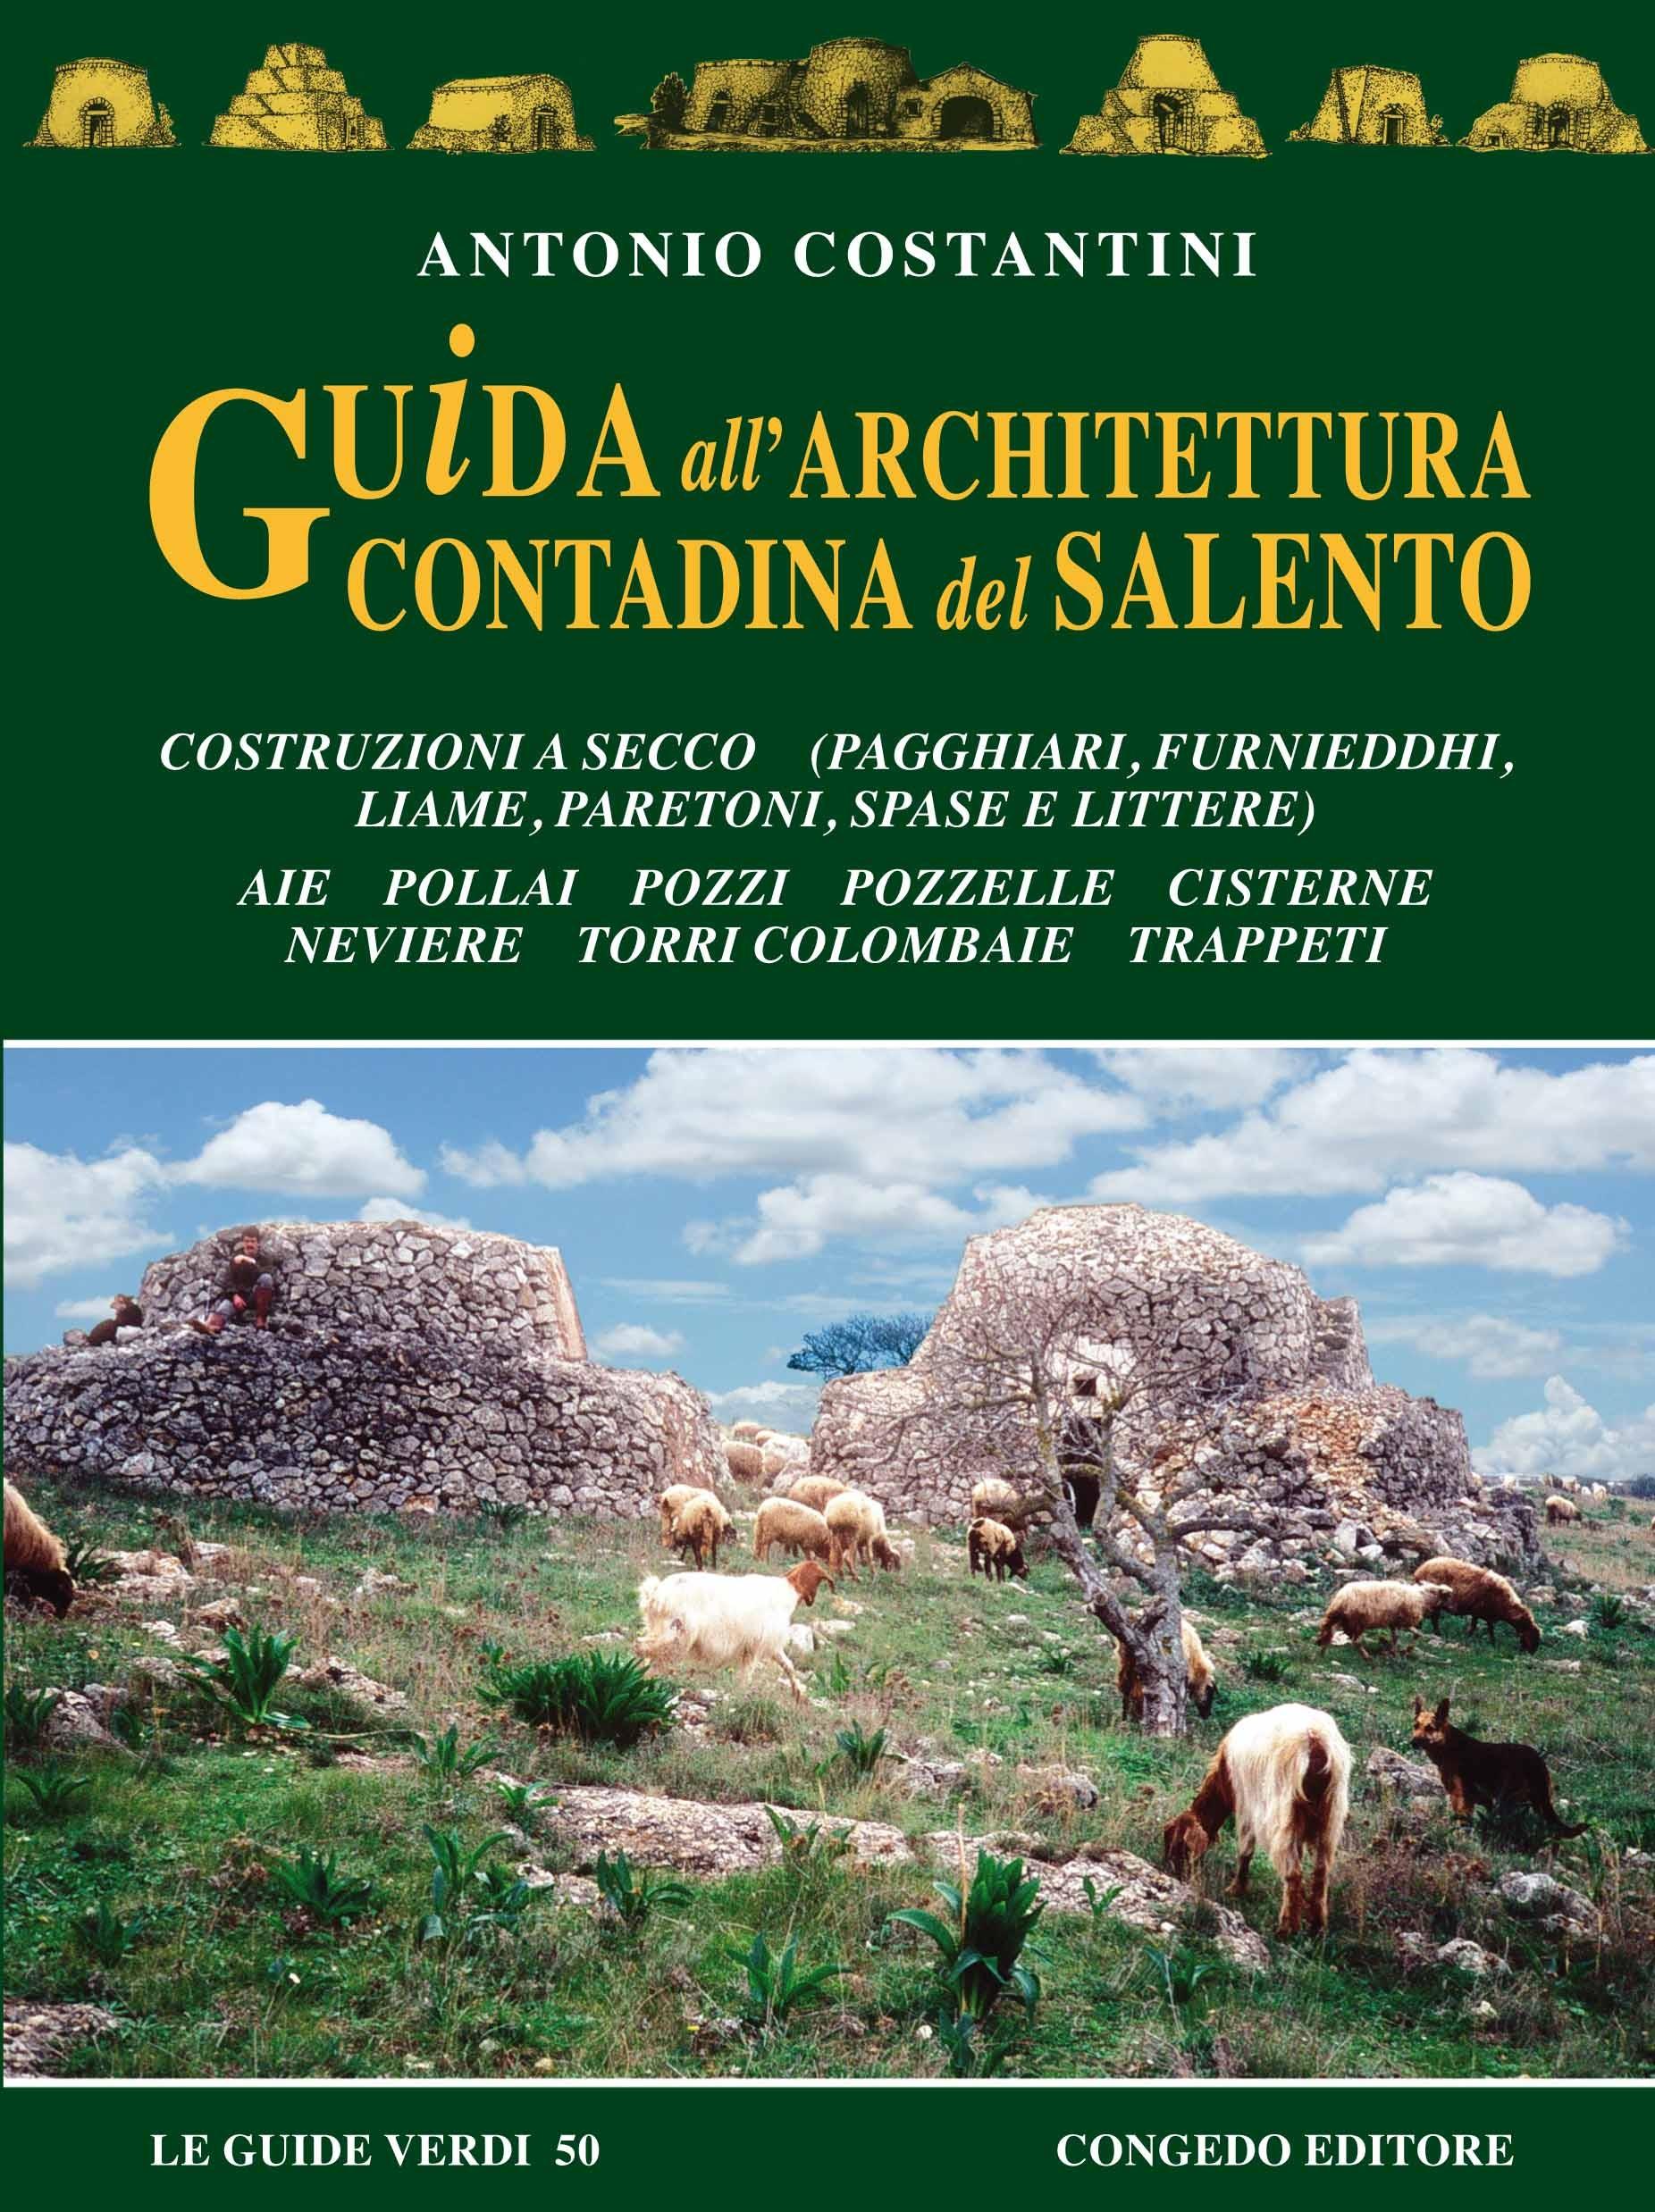 Guida all'architettura contadina del Salento